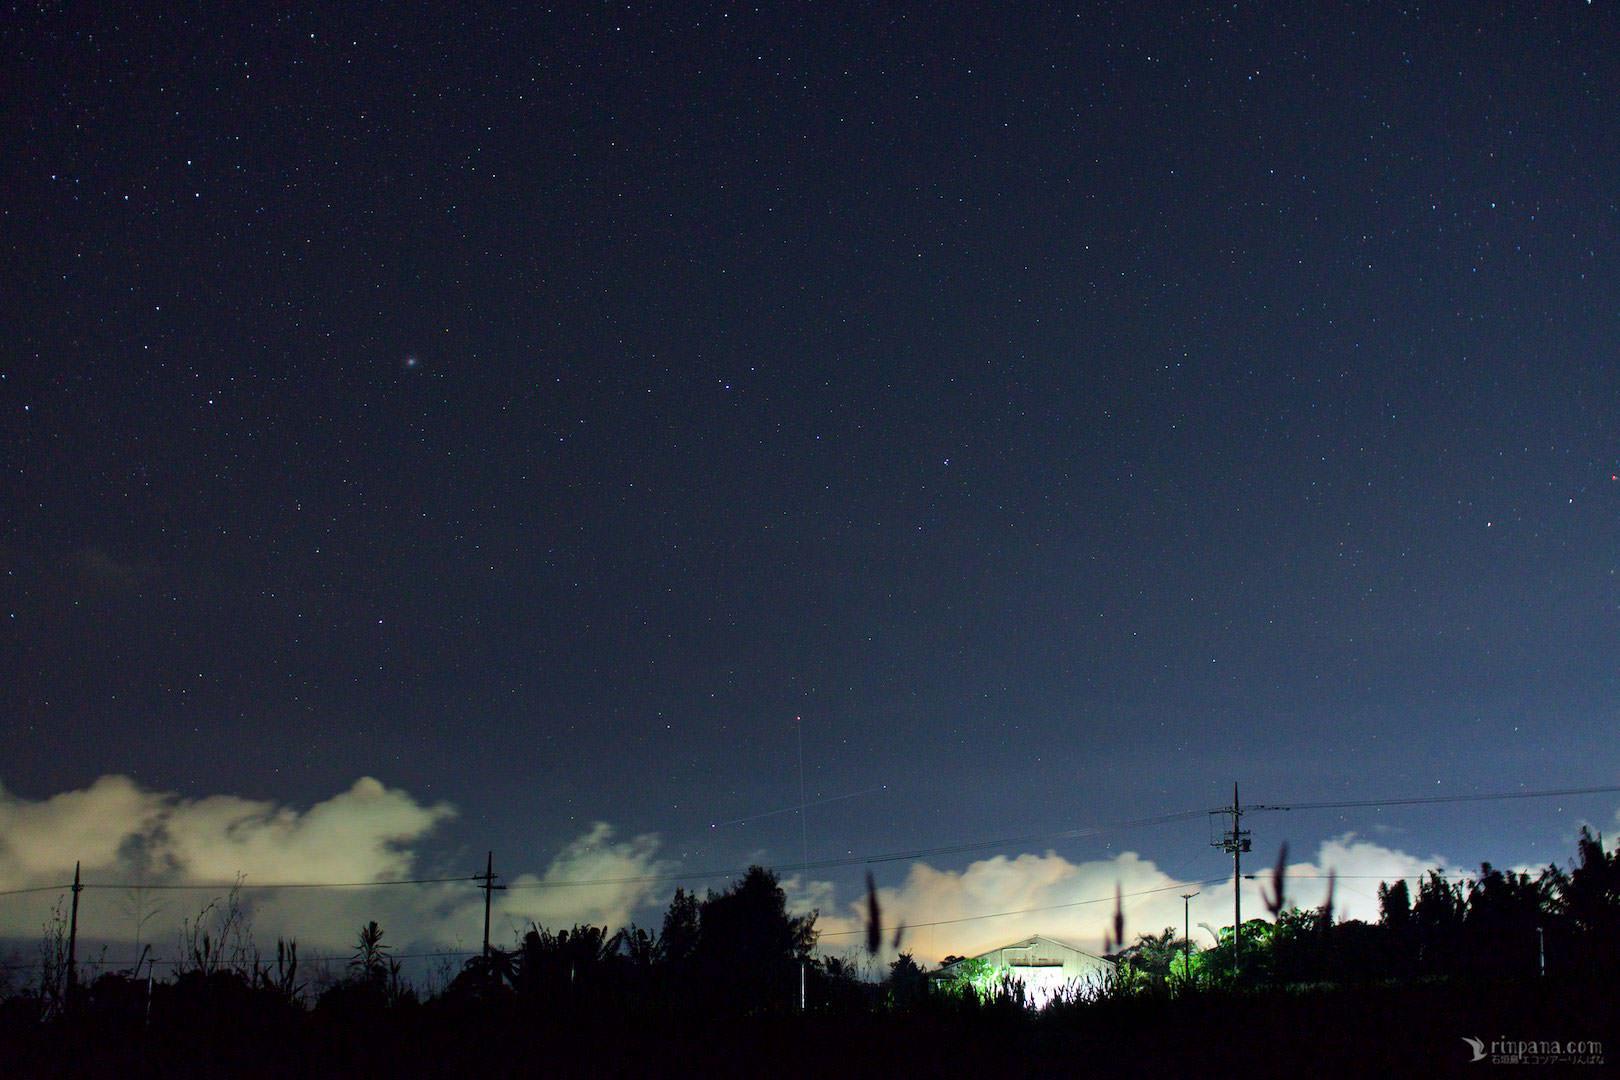 ヤエヤマヒメボタルと南十字星を見る